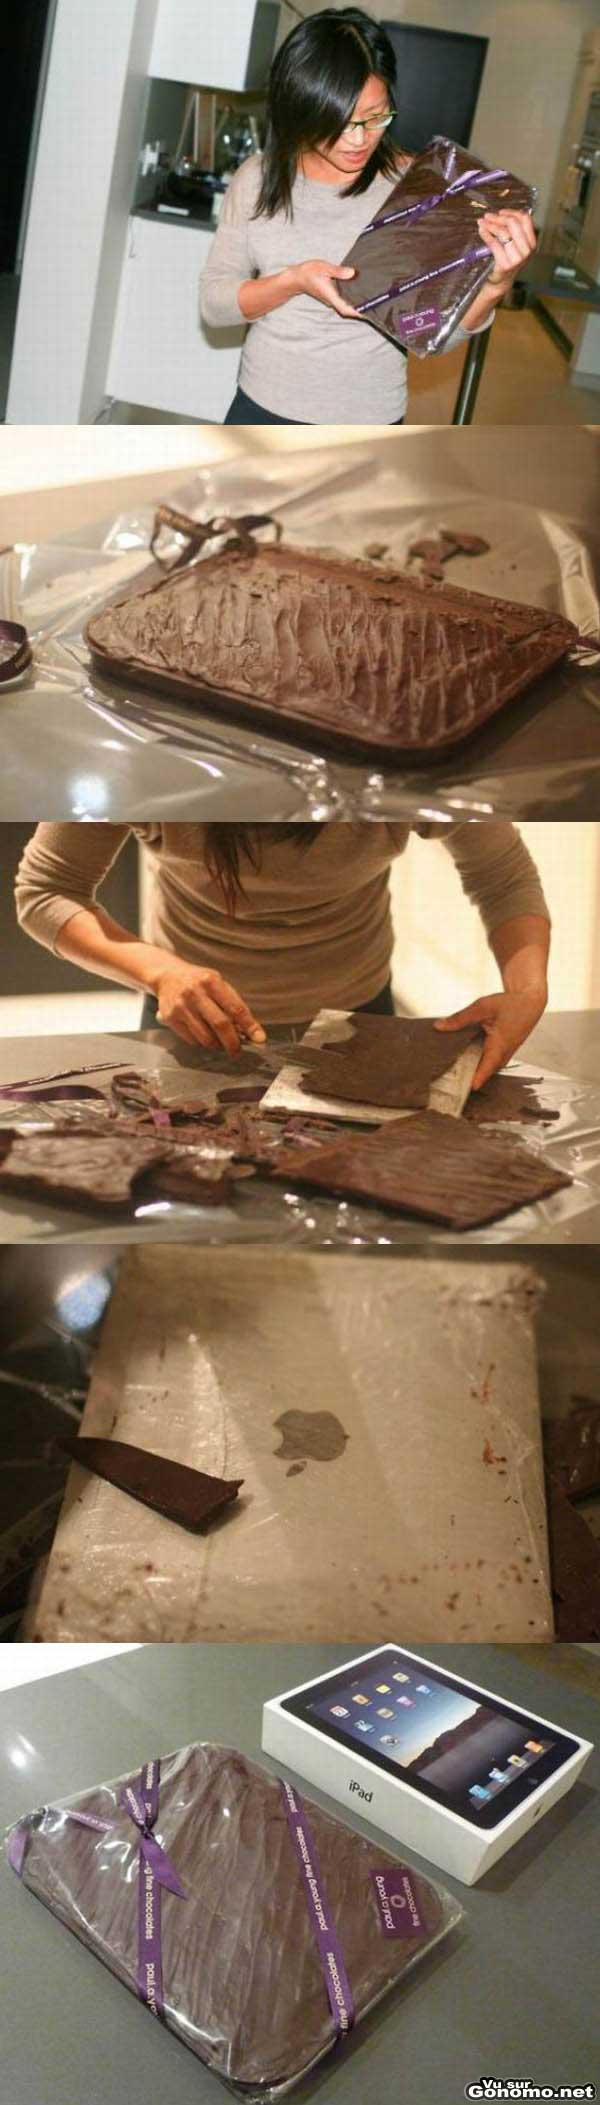 Offrir un iPad de facon originale en le cachant dans un gateau au chocolat, fallait y penser !